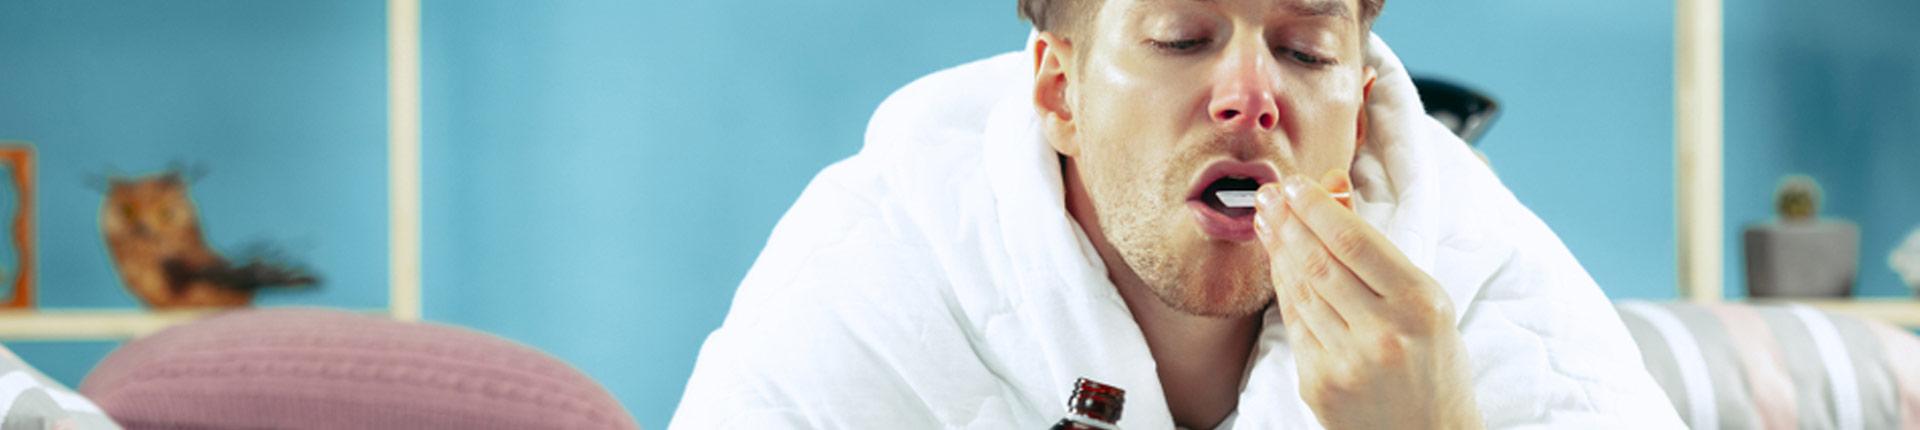 Otyłość sprzyja grypie?